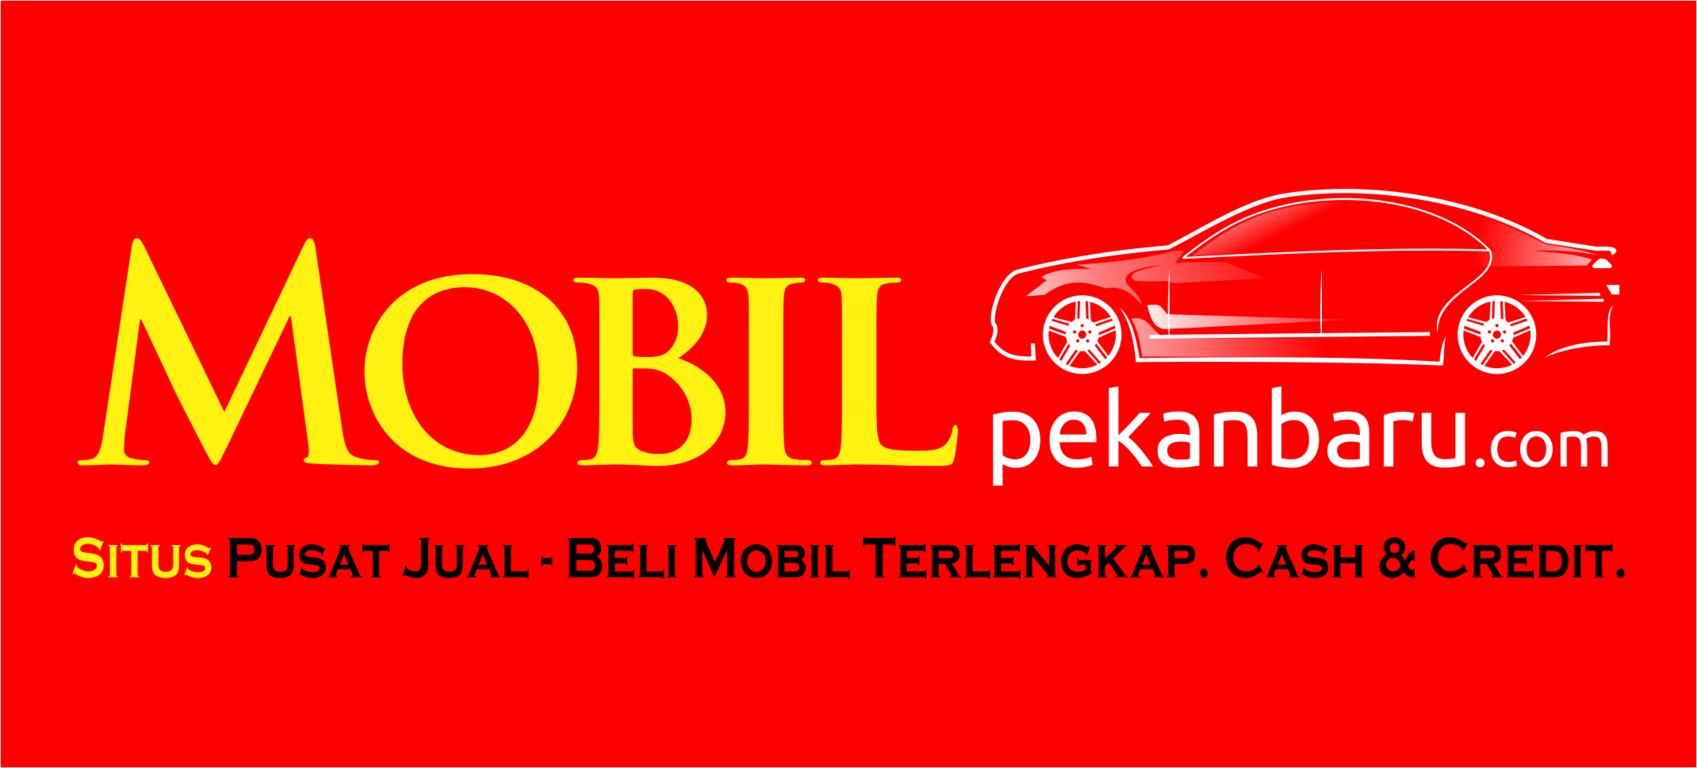 Logo-Mobil-Pekanbaru-com